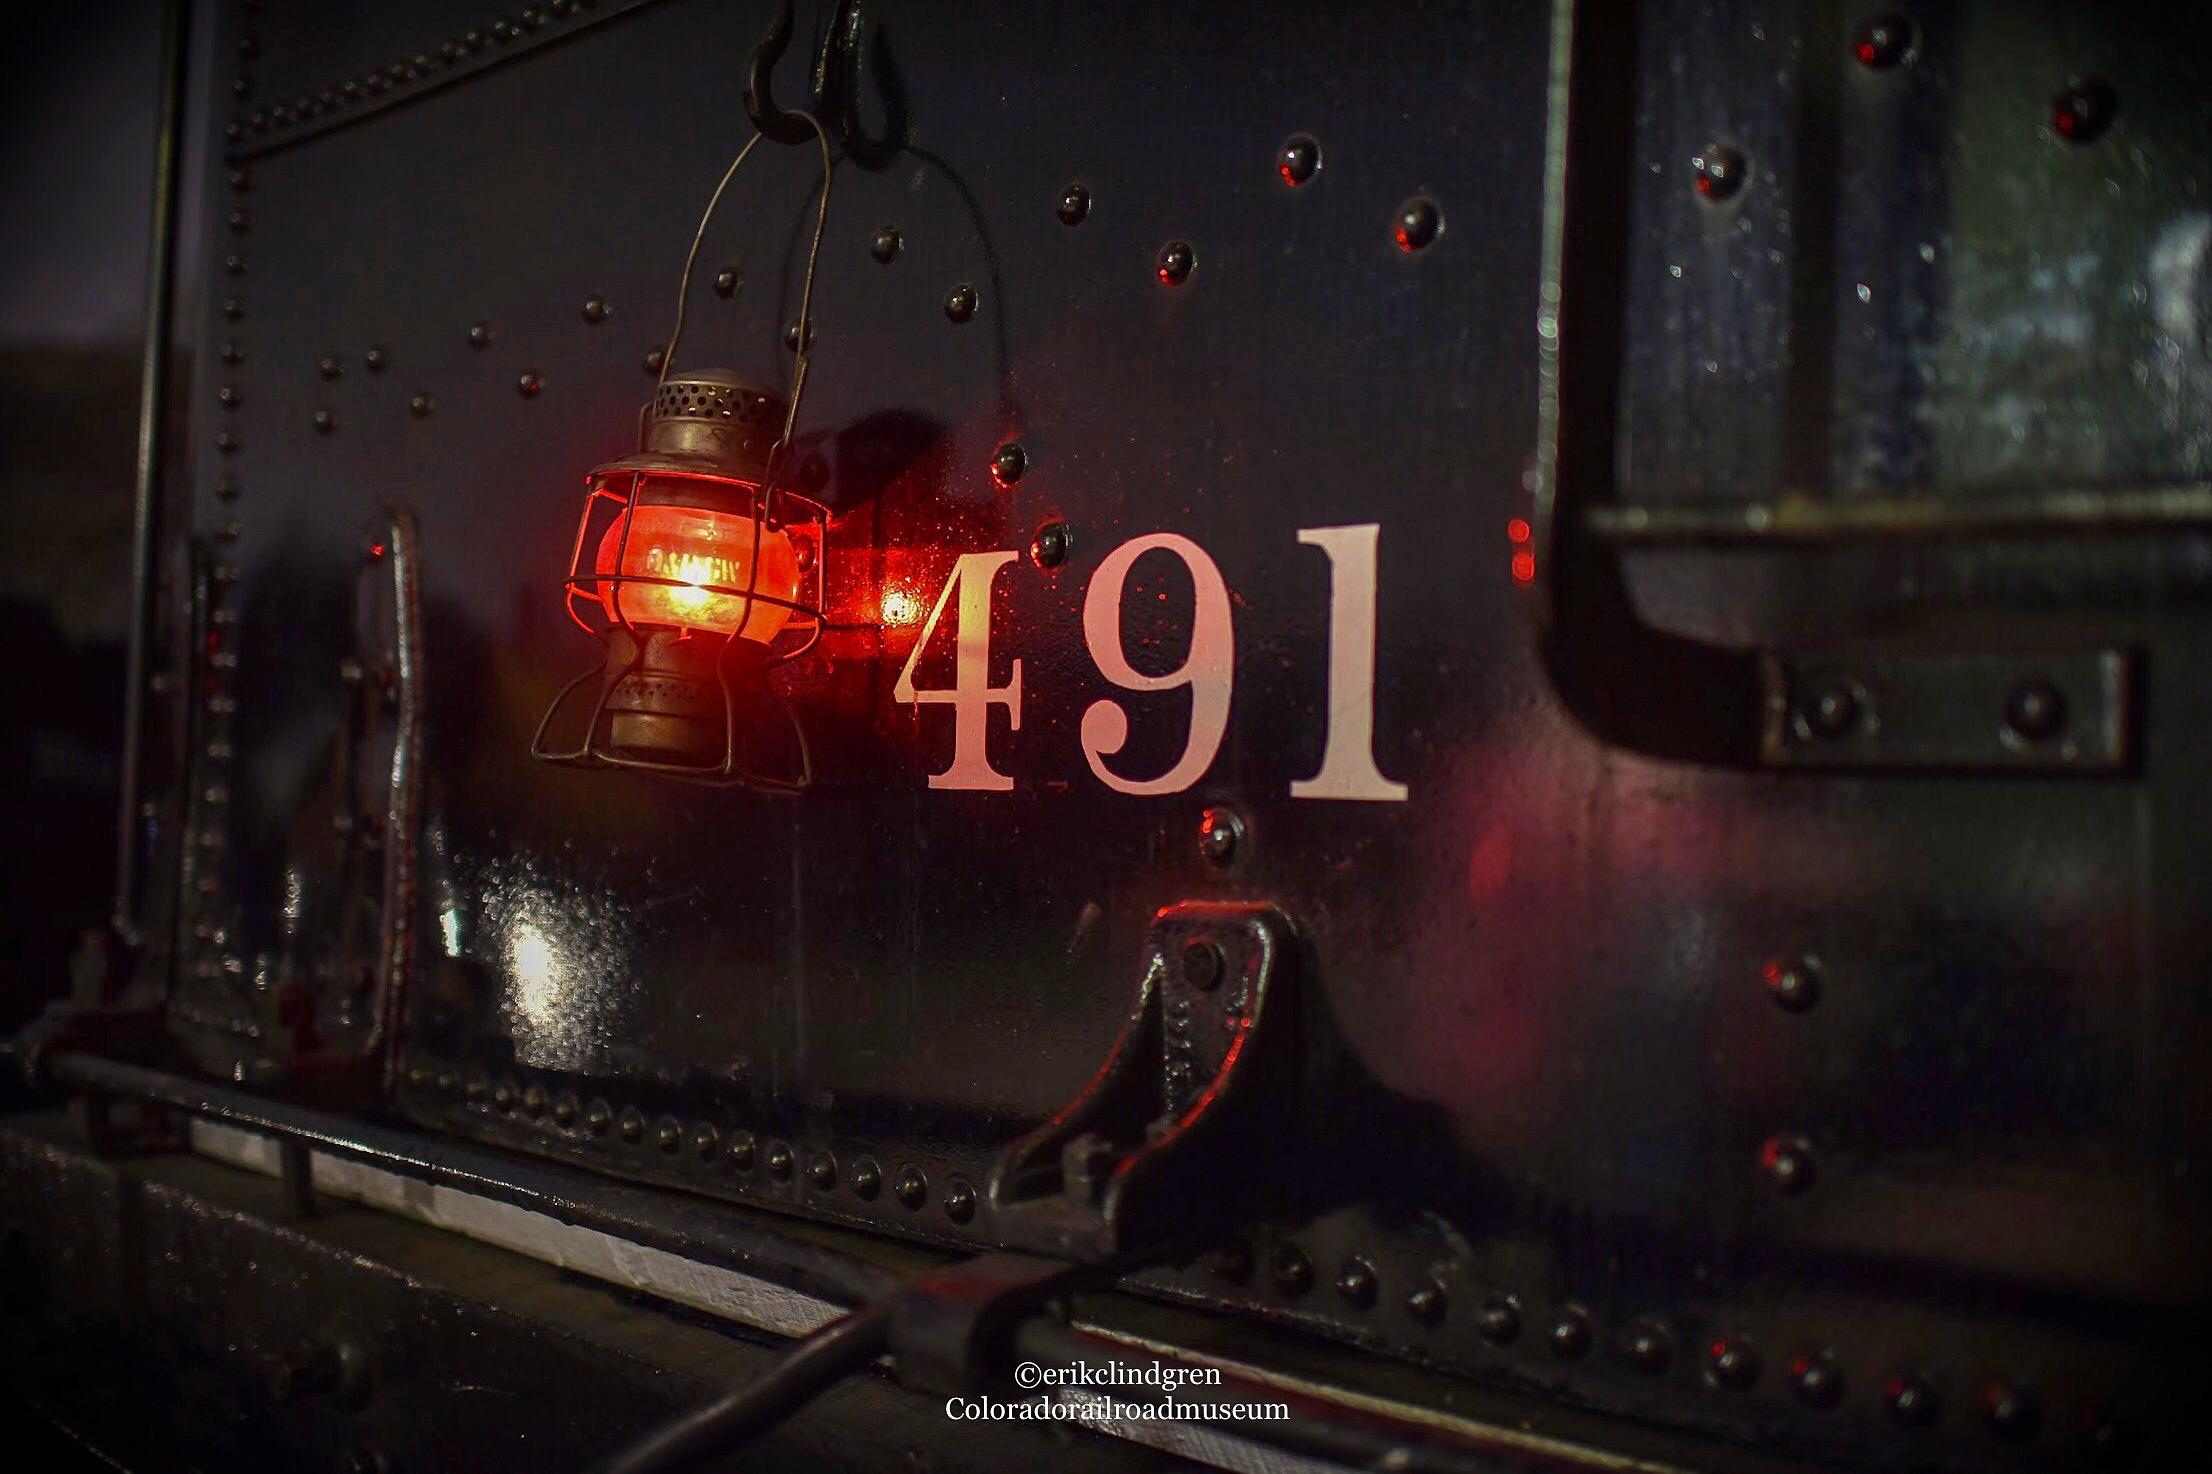 784D85DD-16A3-4FCA-9D7A-D48268ED7FDA.jpeg